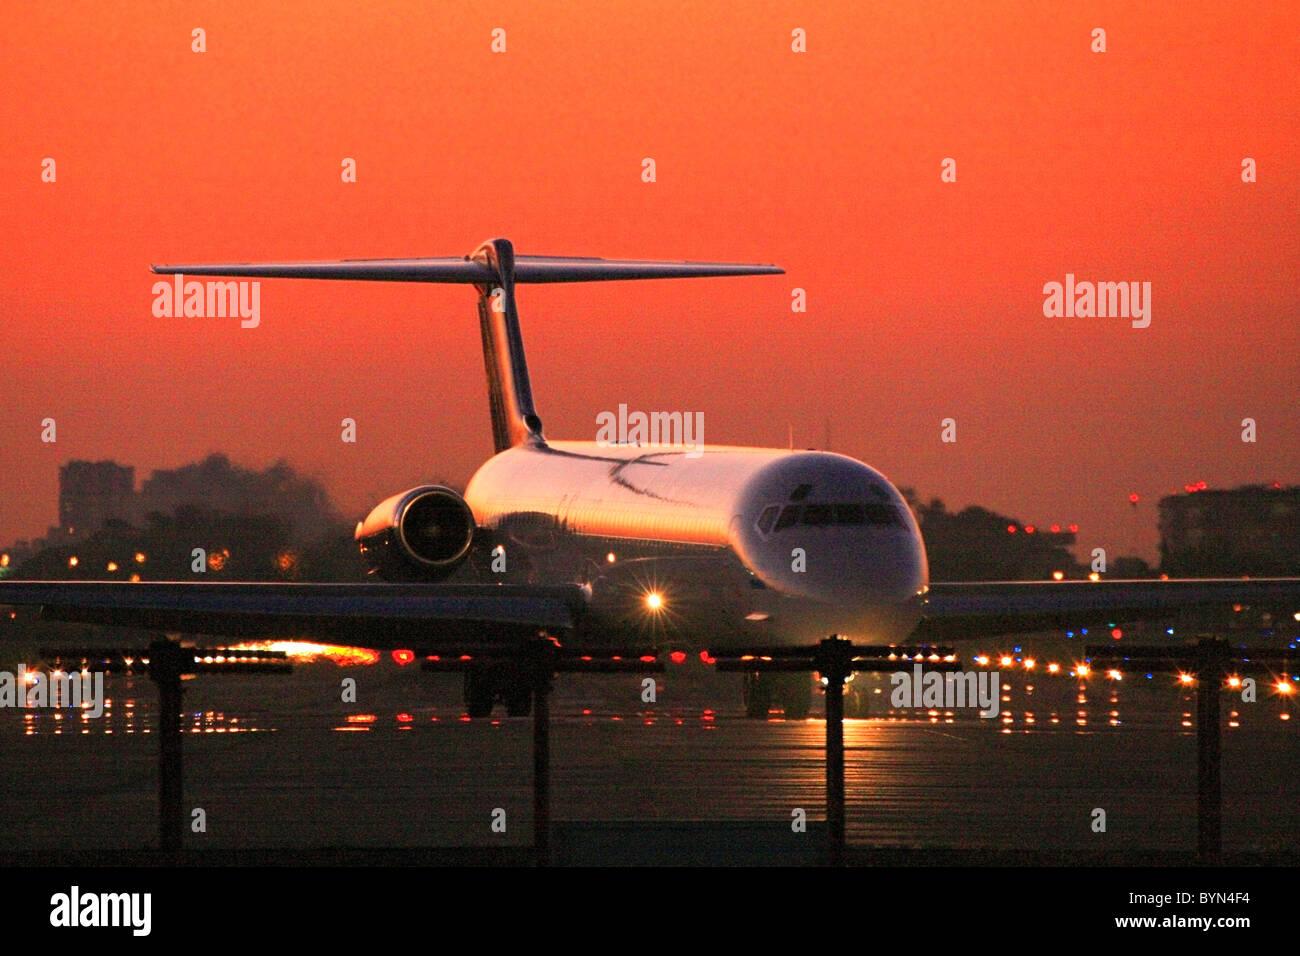 Turbo jet aereo commerciale arrivando Jorge Newbery, al tramonto. Immagini Stock